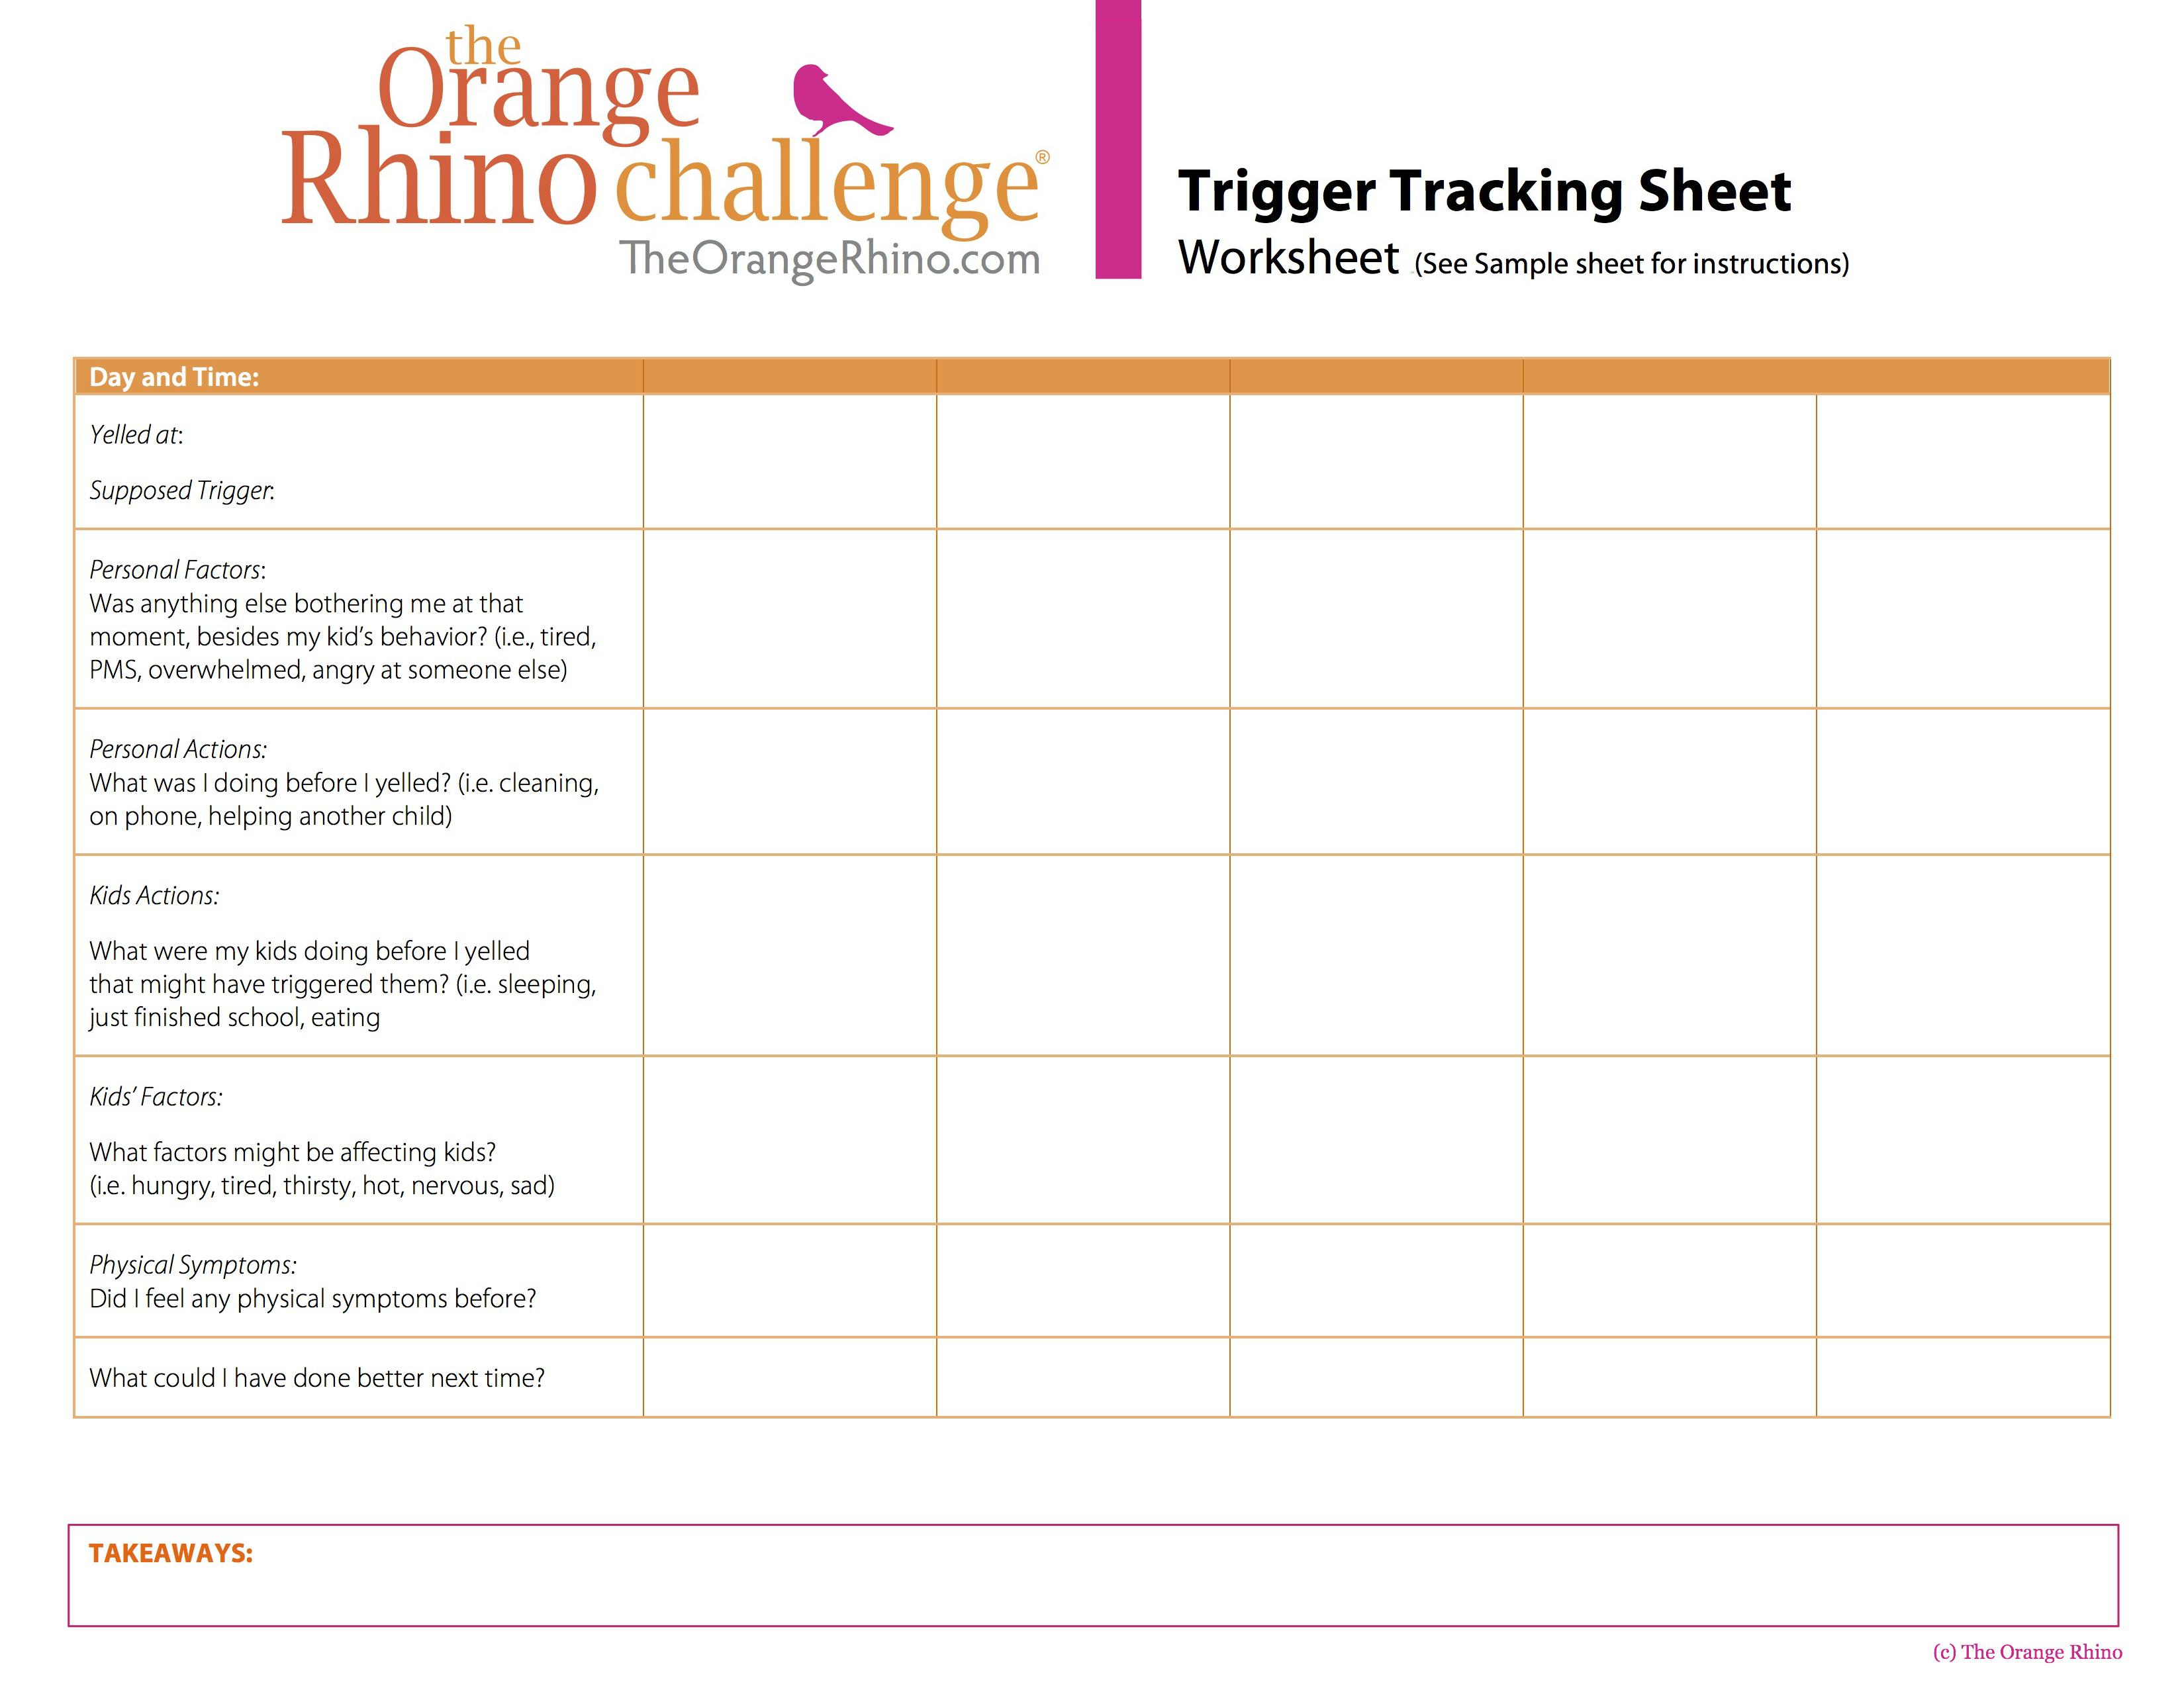 Orange Rhino Trigger Tracking Sheet jpg